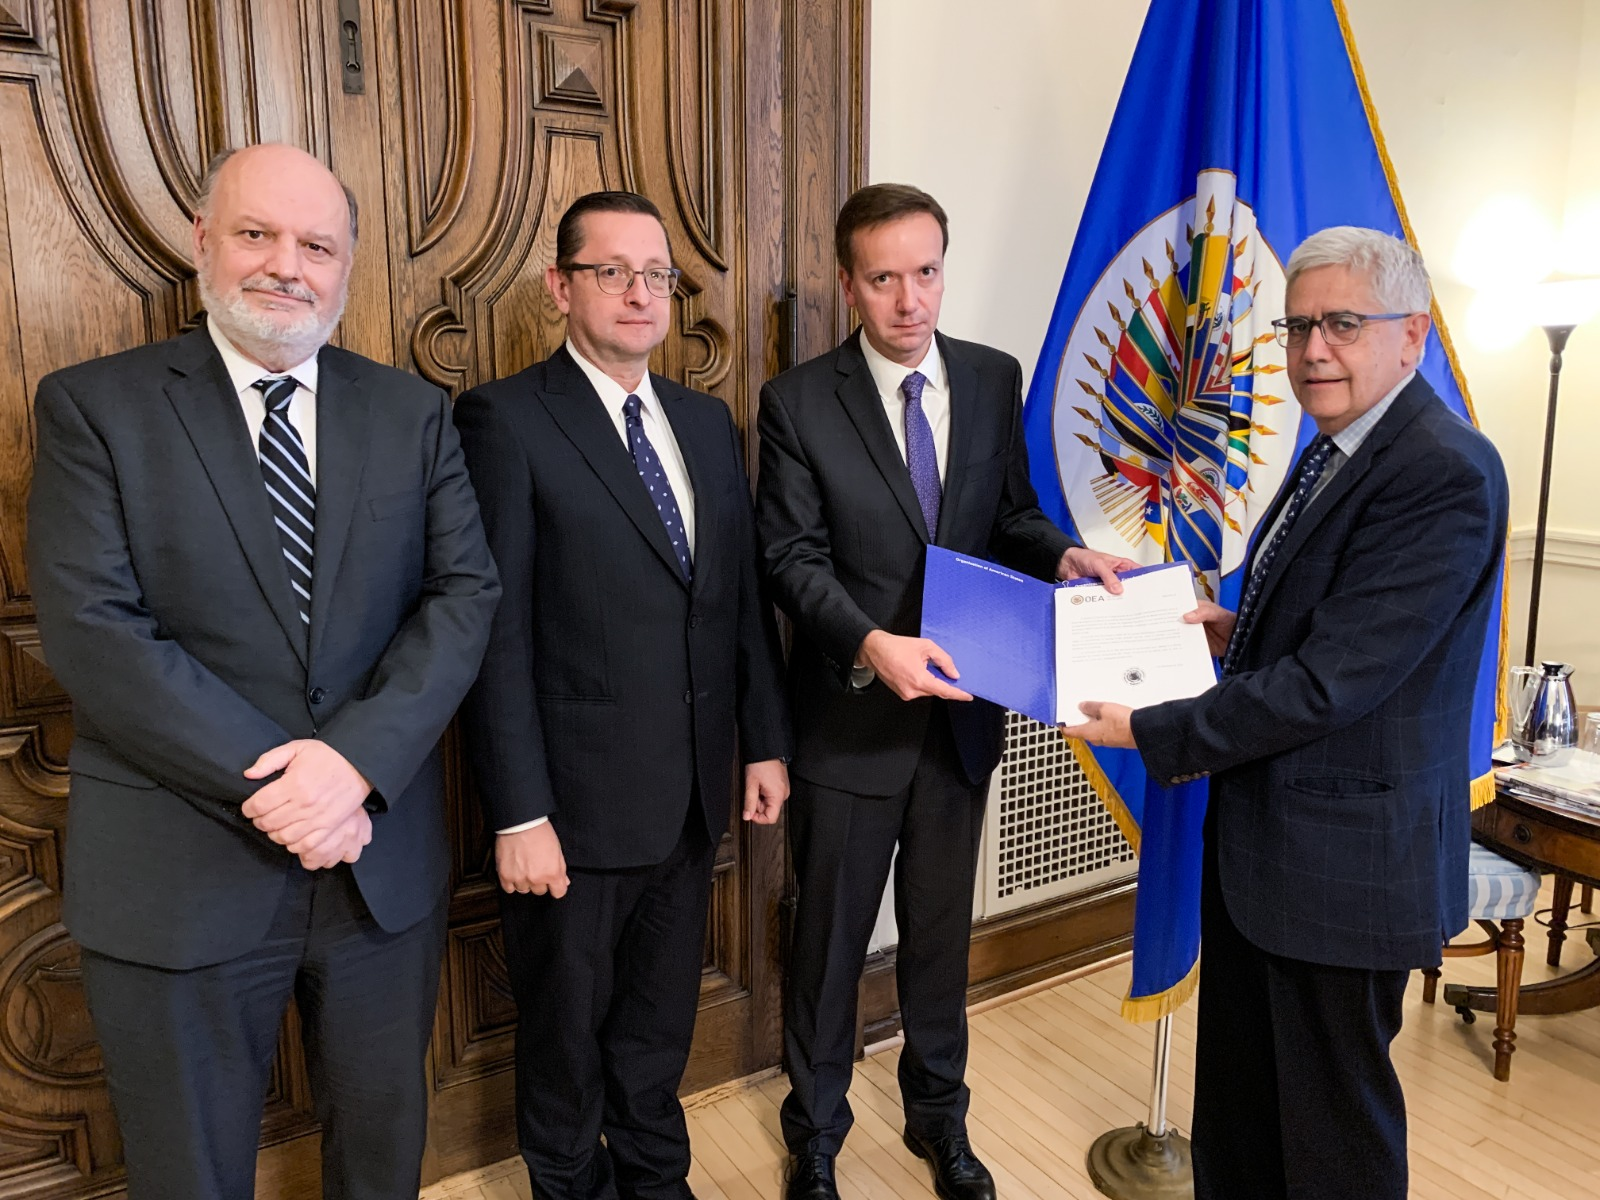 Ortiz exige procesos y sanciones para responsables de irregularidades en elecciones